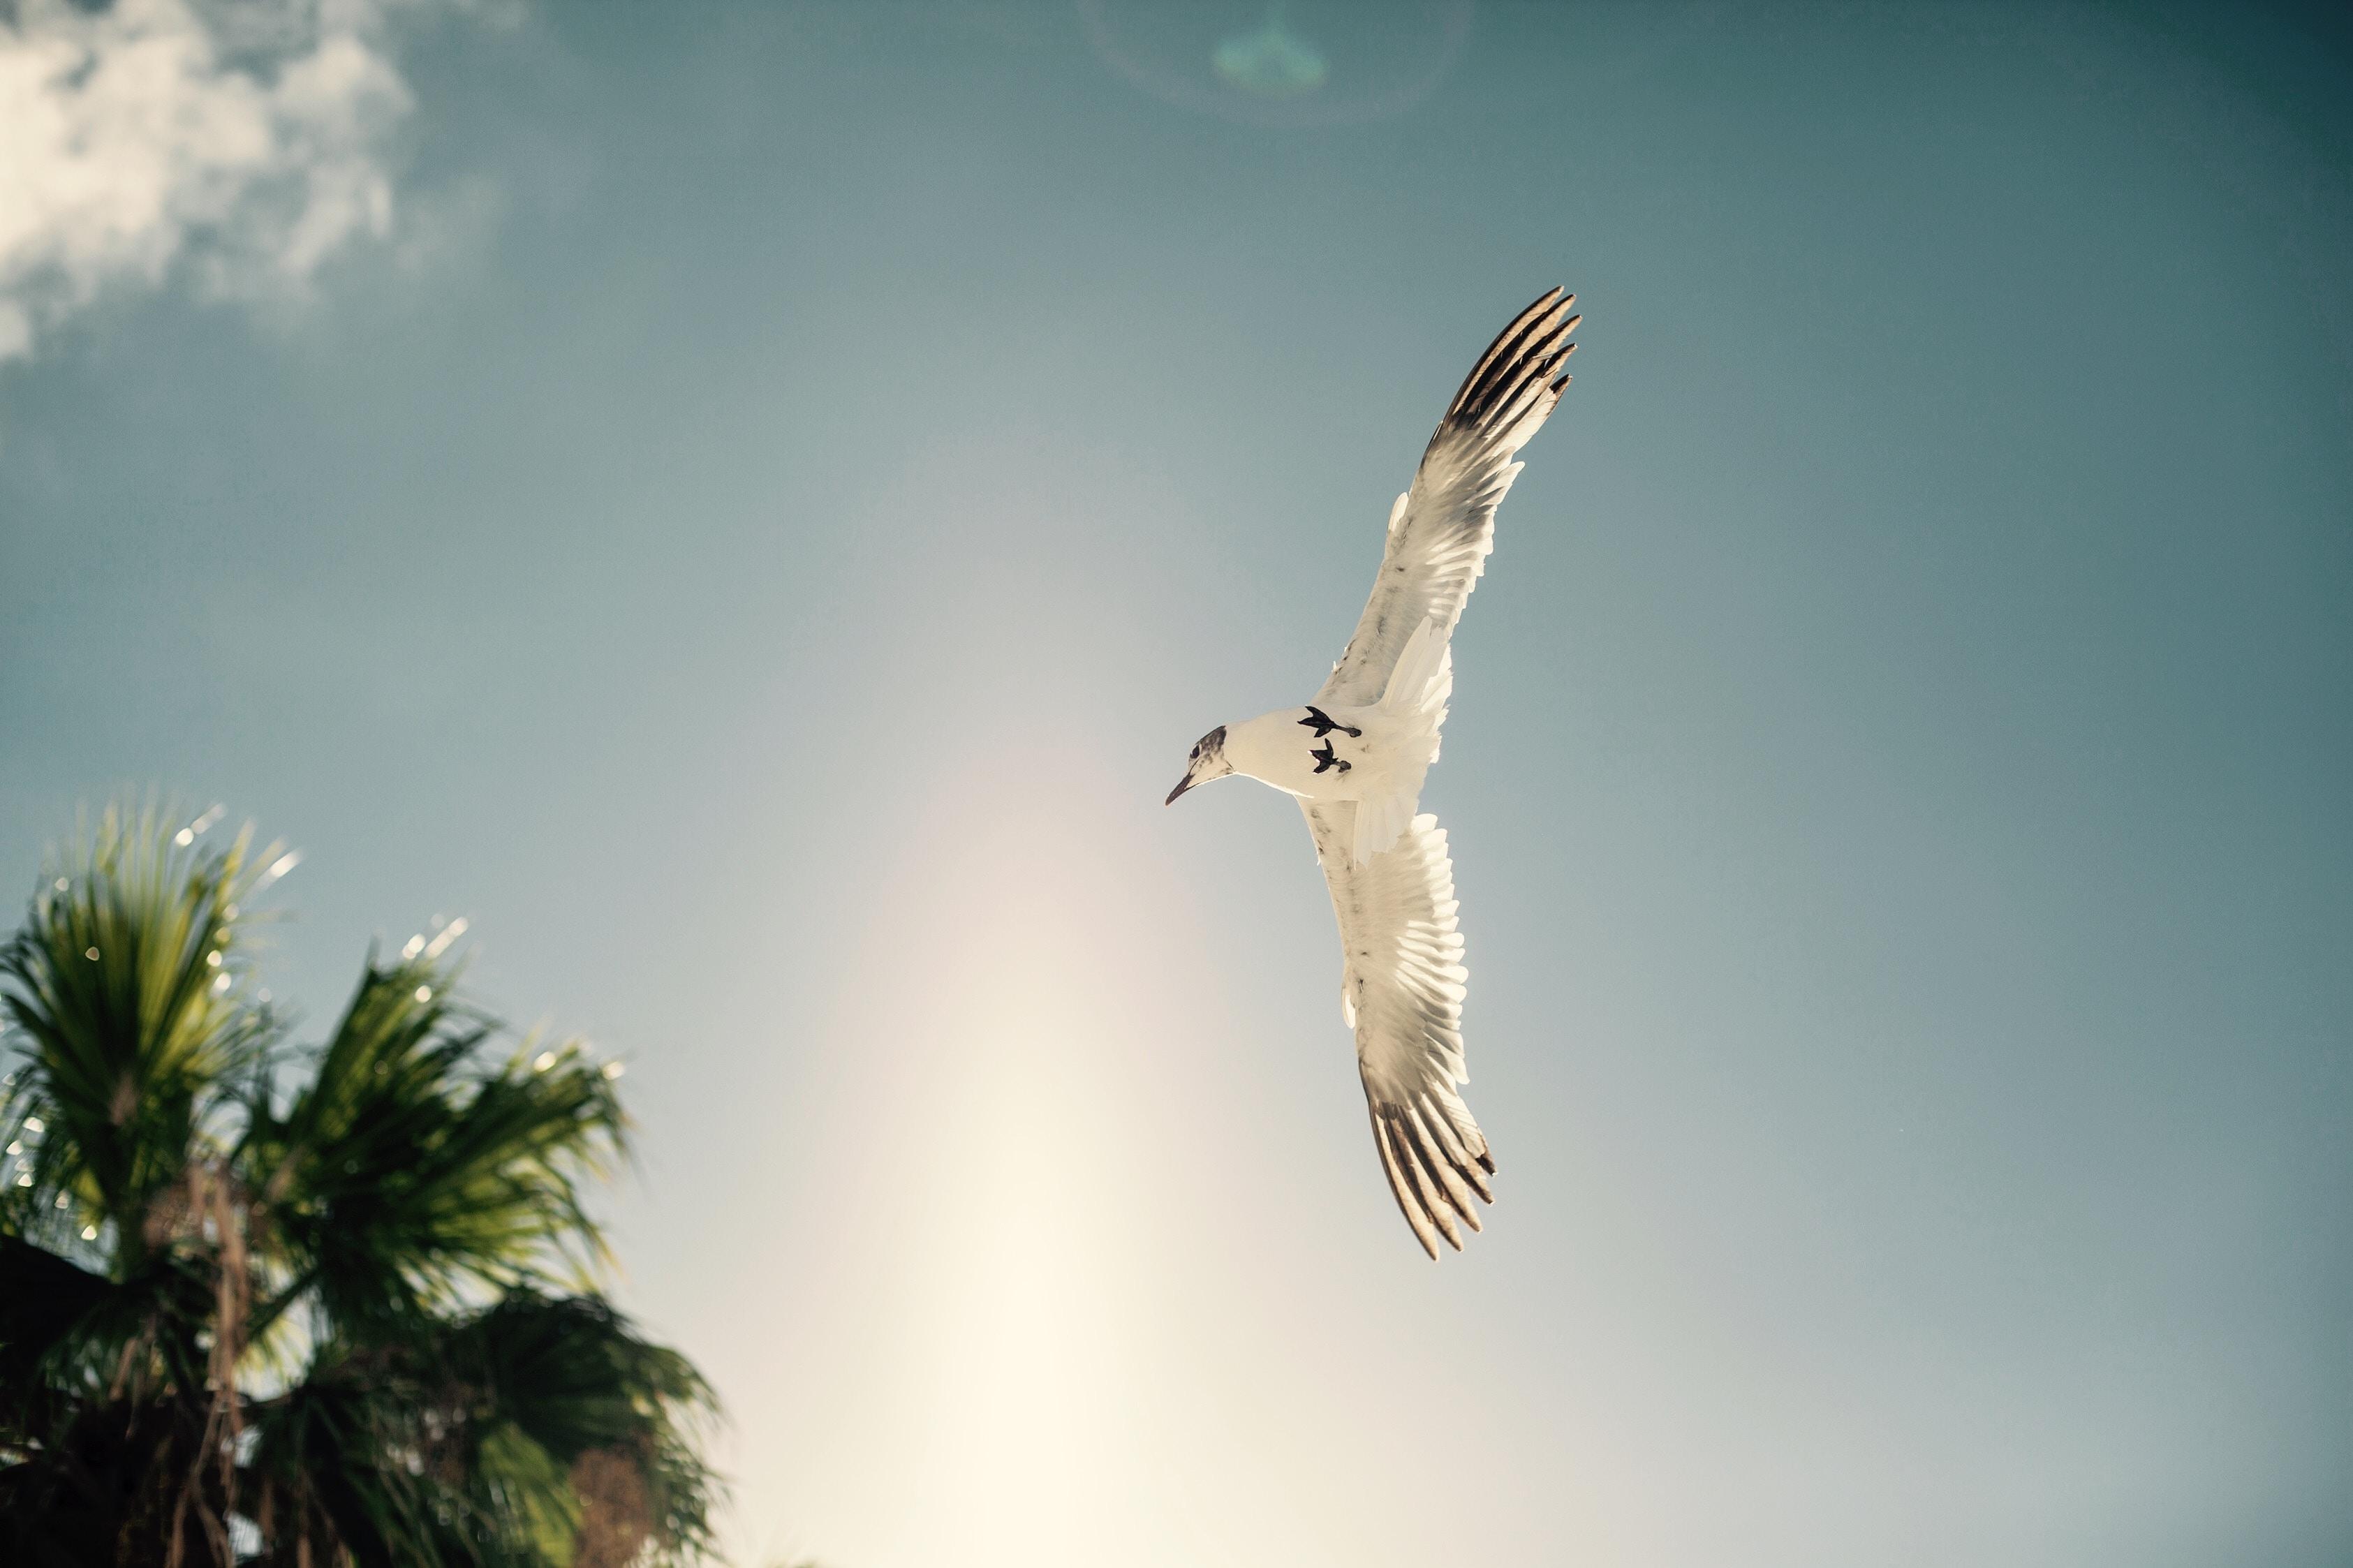 white bird soaring near tree during daytime